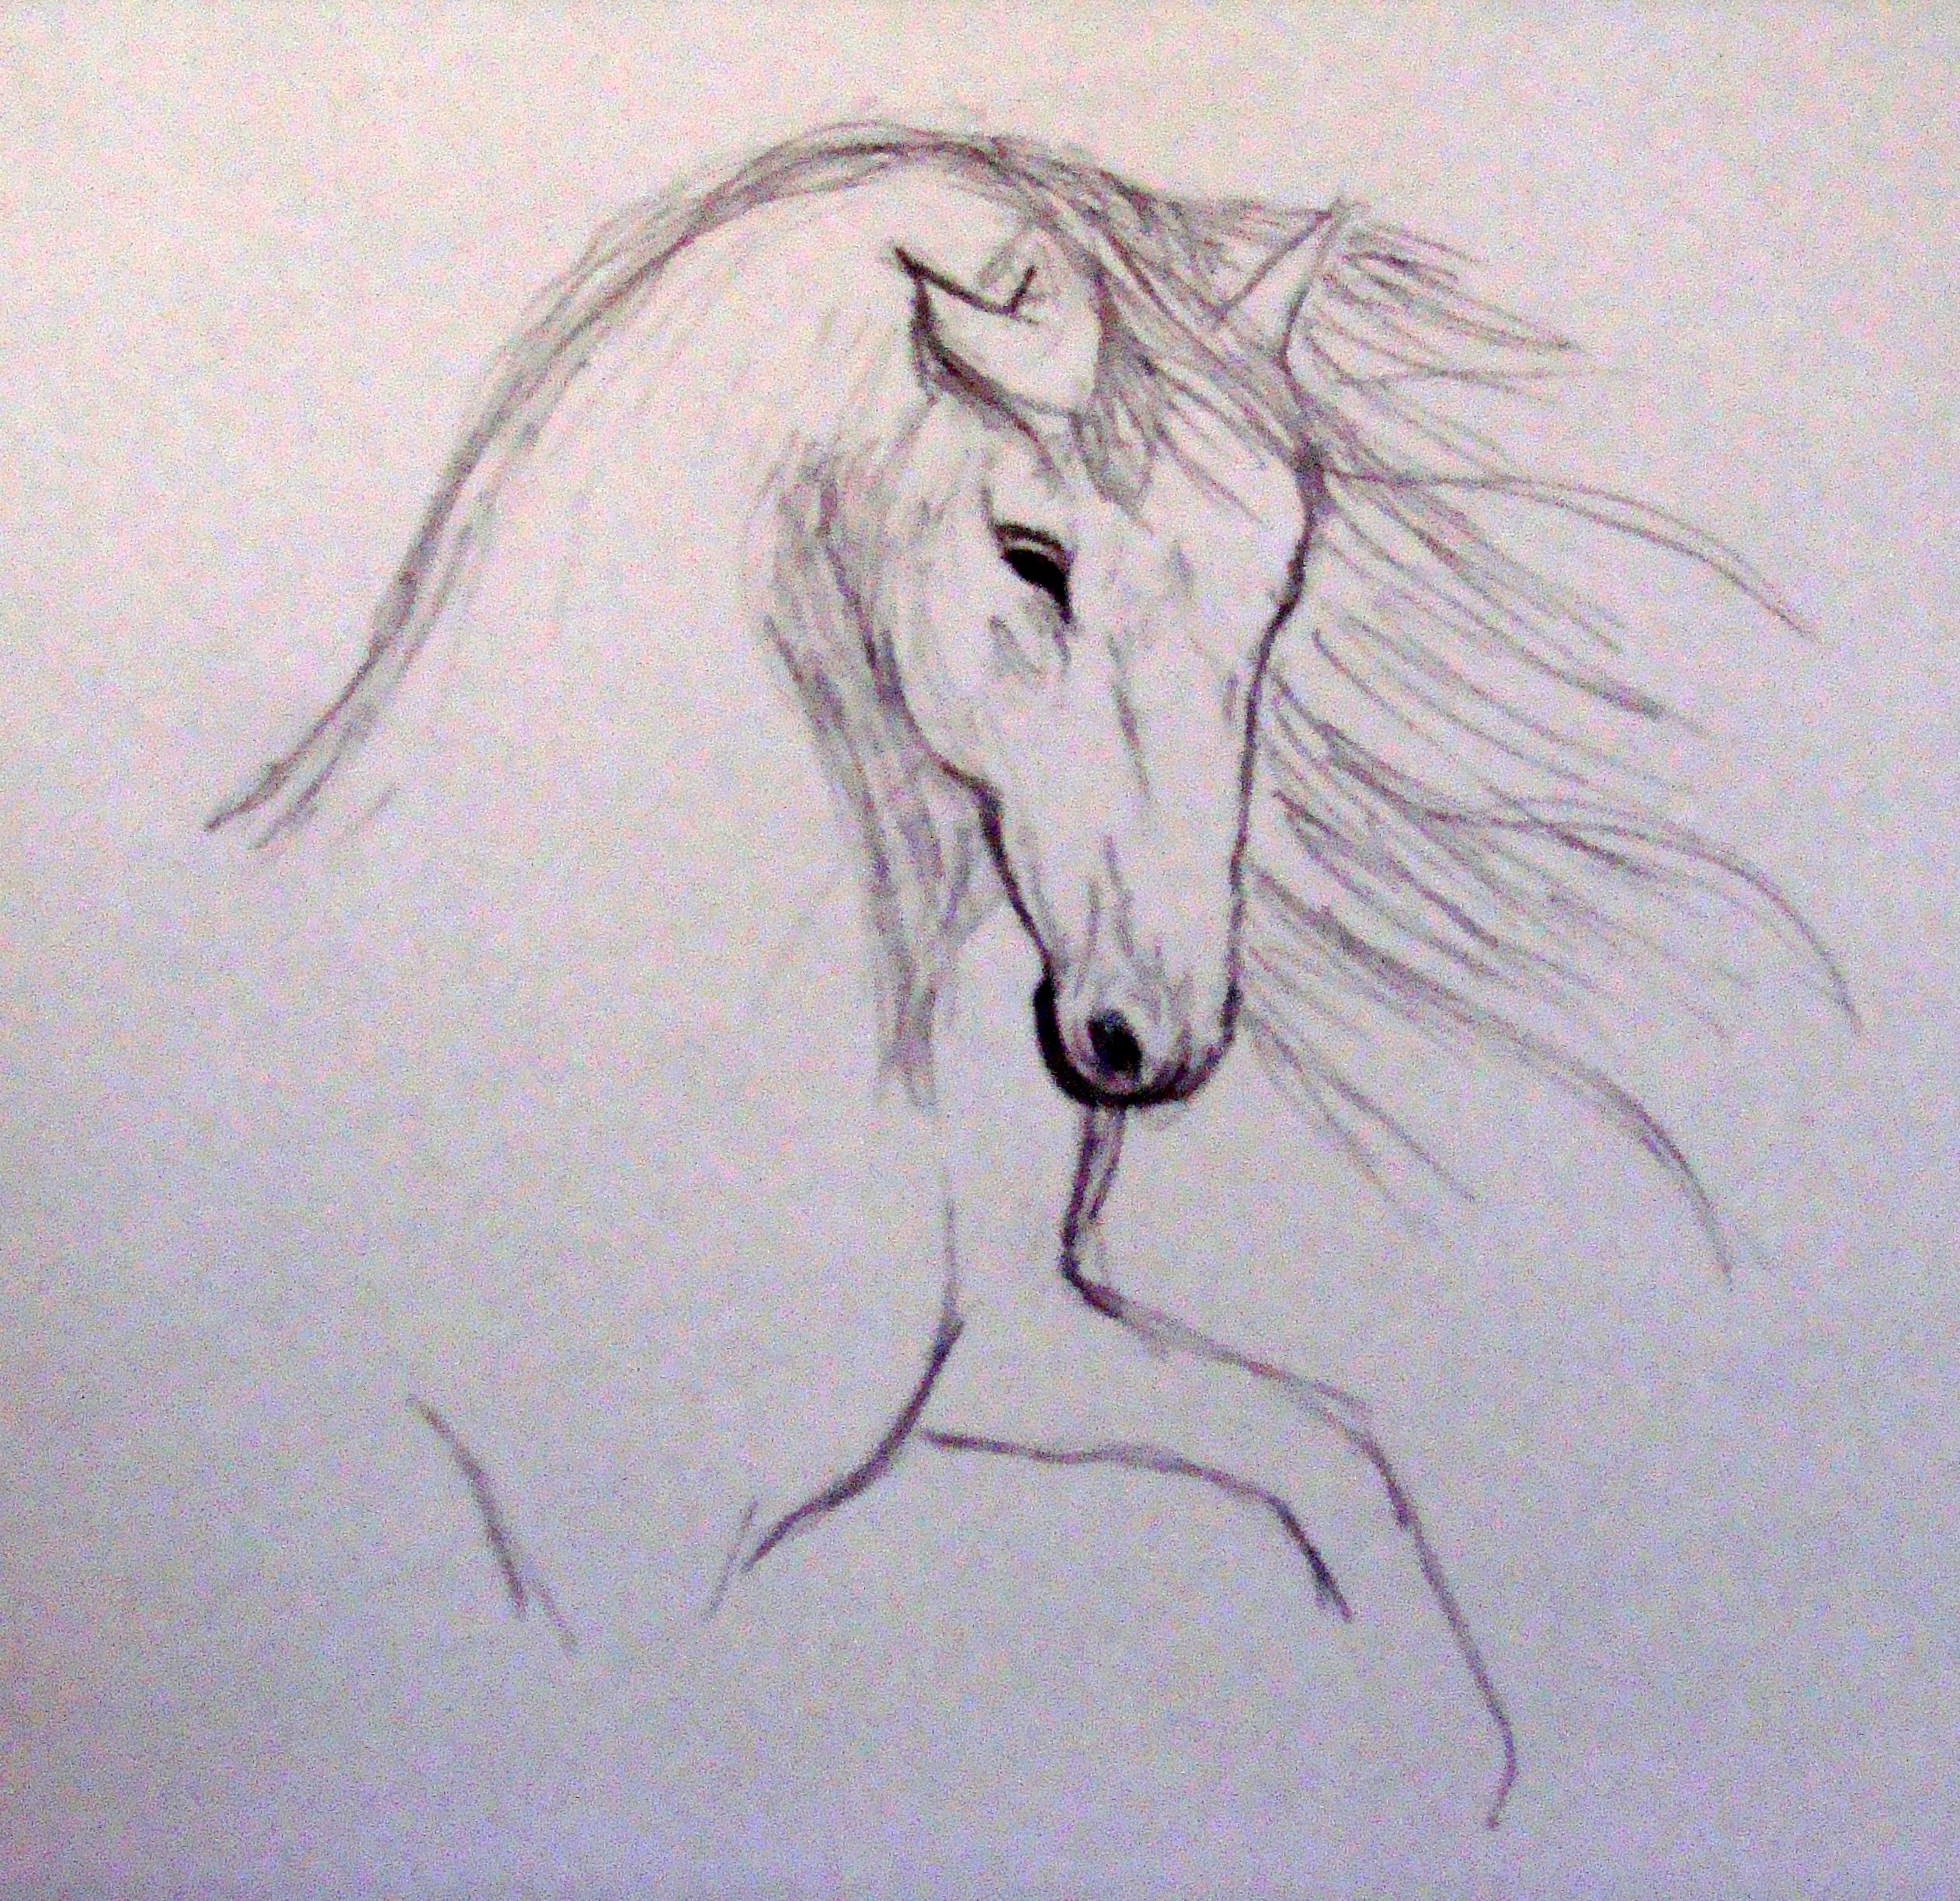 Croquis white horse